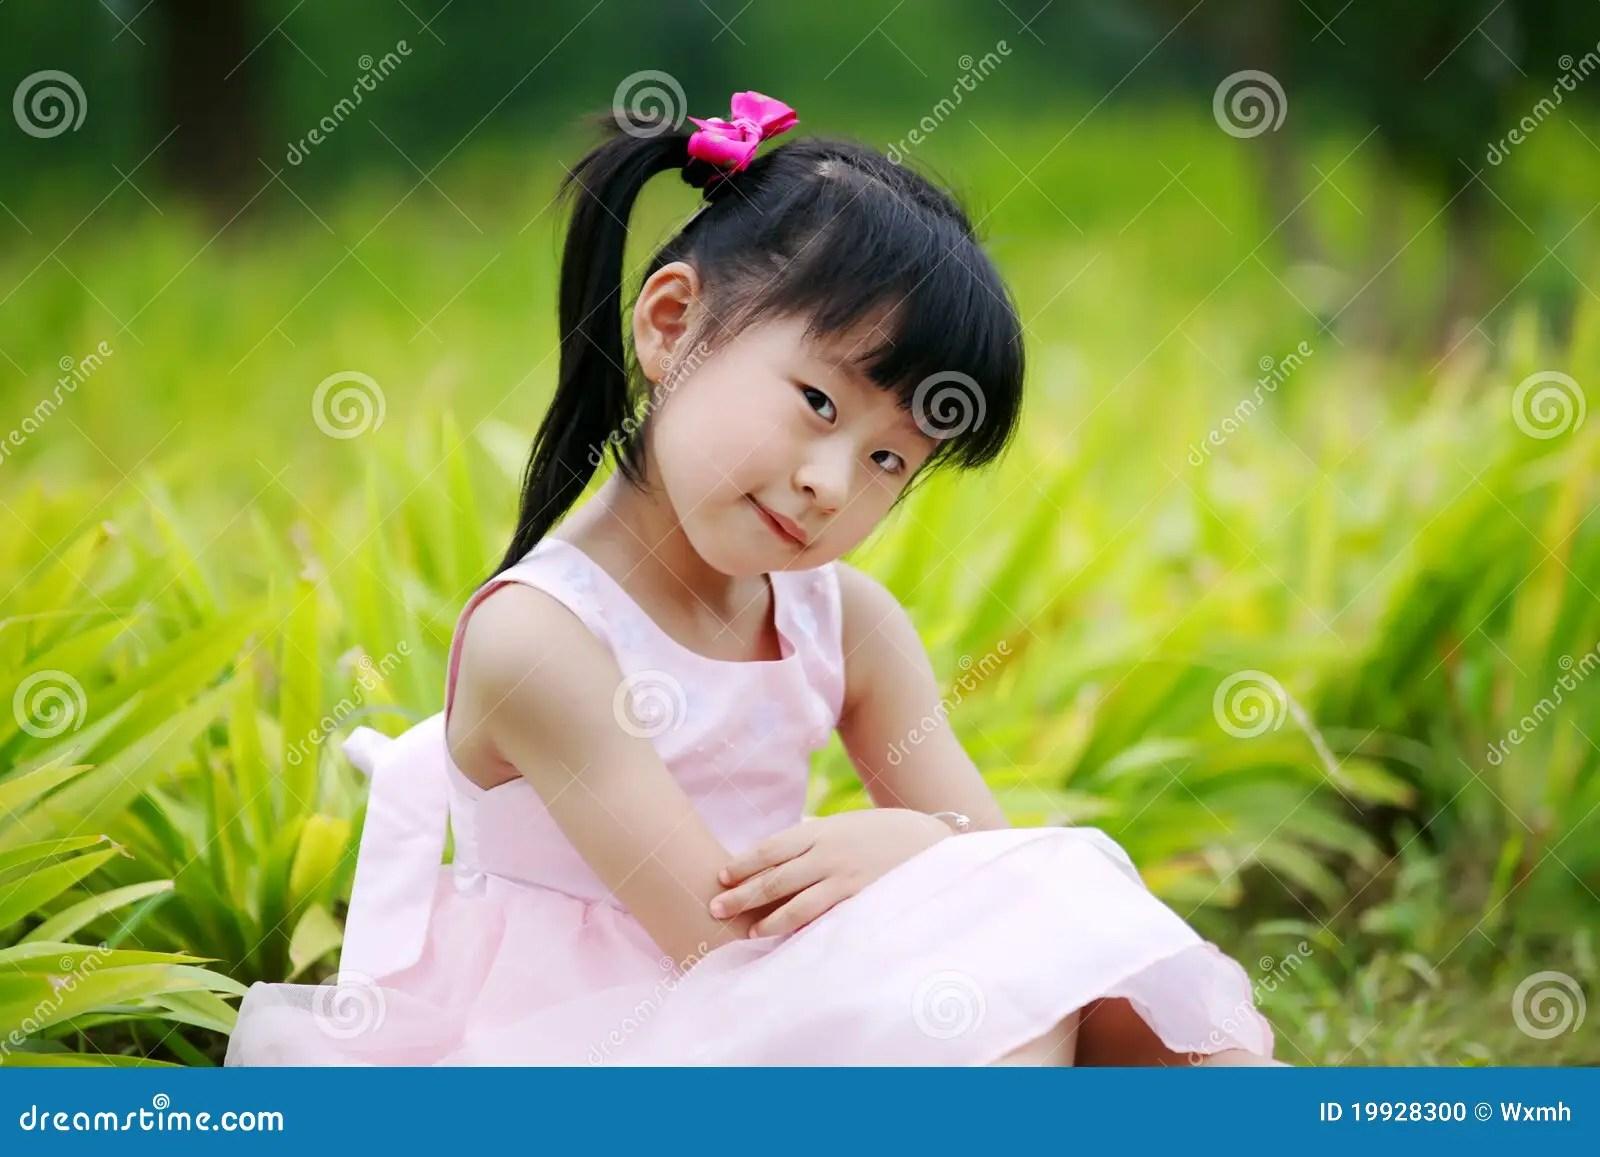 3d Wallpaper Maker Chinese Lovely Girl Stock Photo Image 19928300